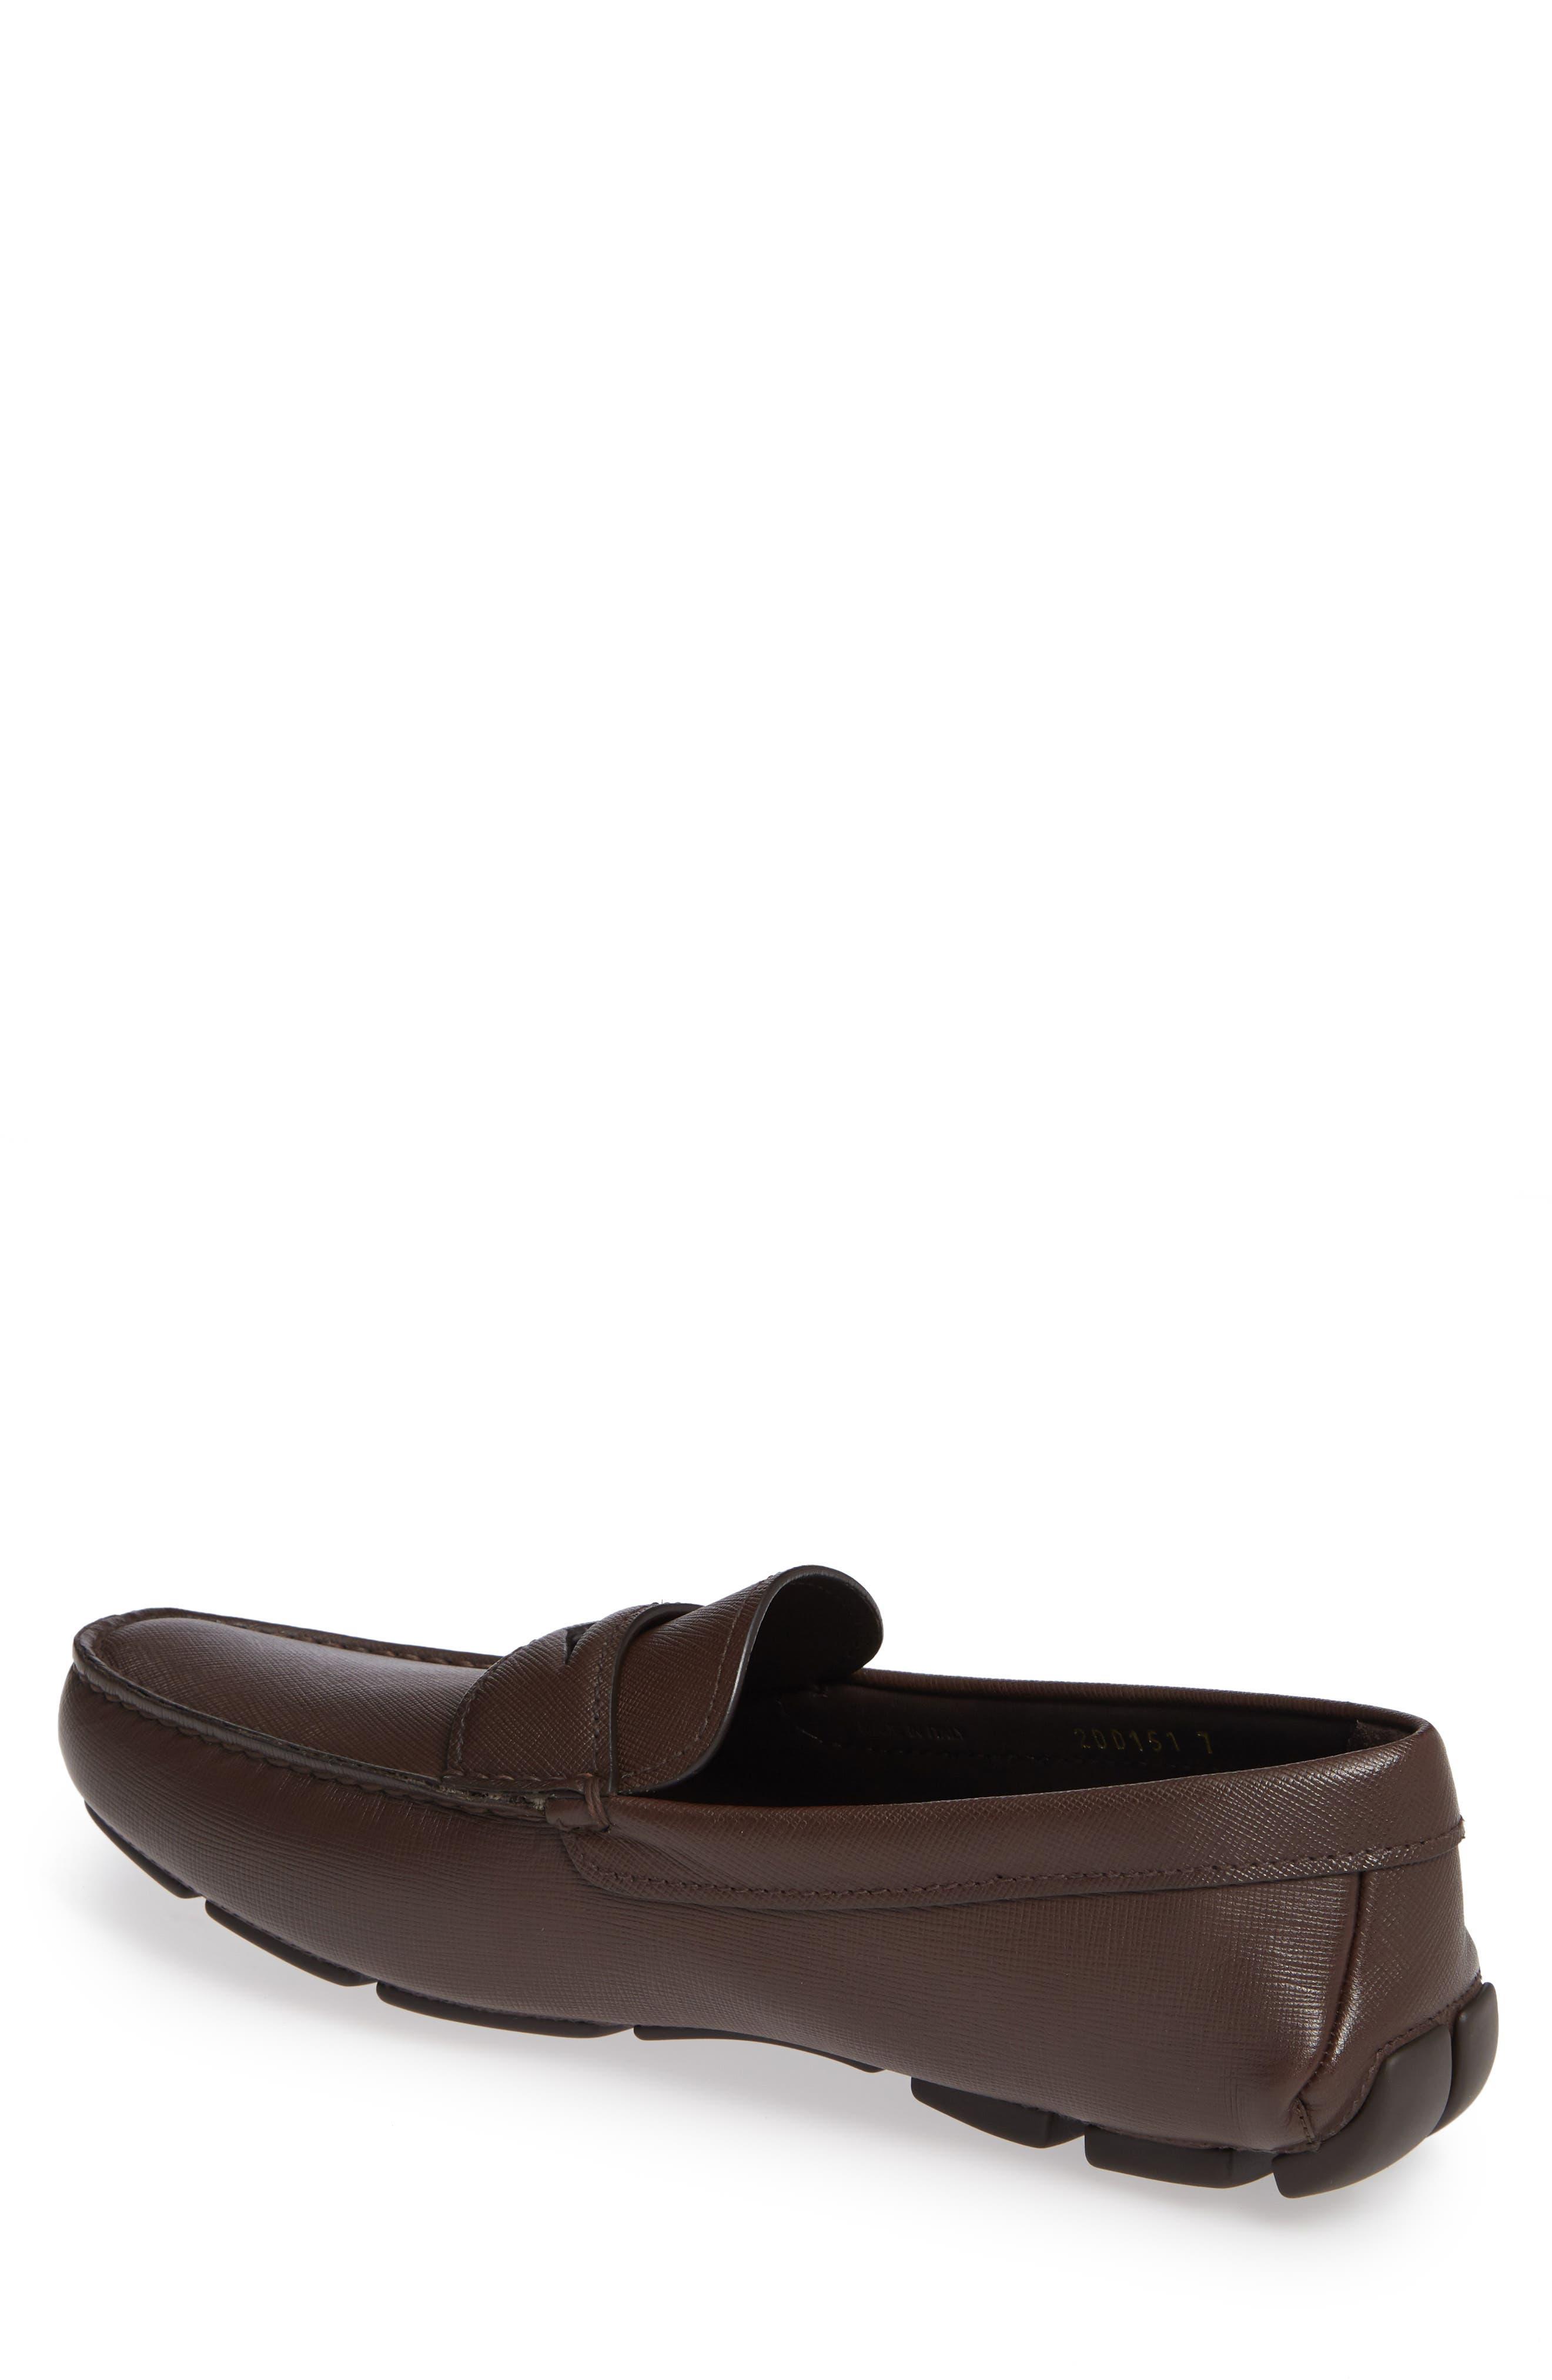 2555a7bcd1297e Prada Shoes for Men